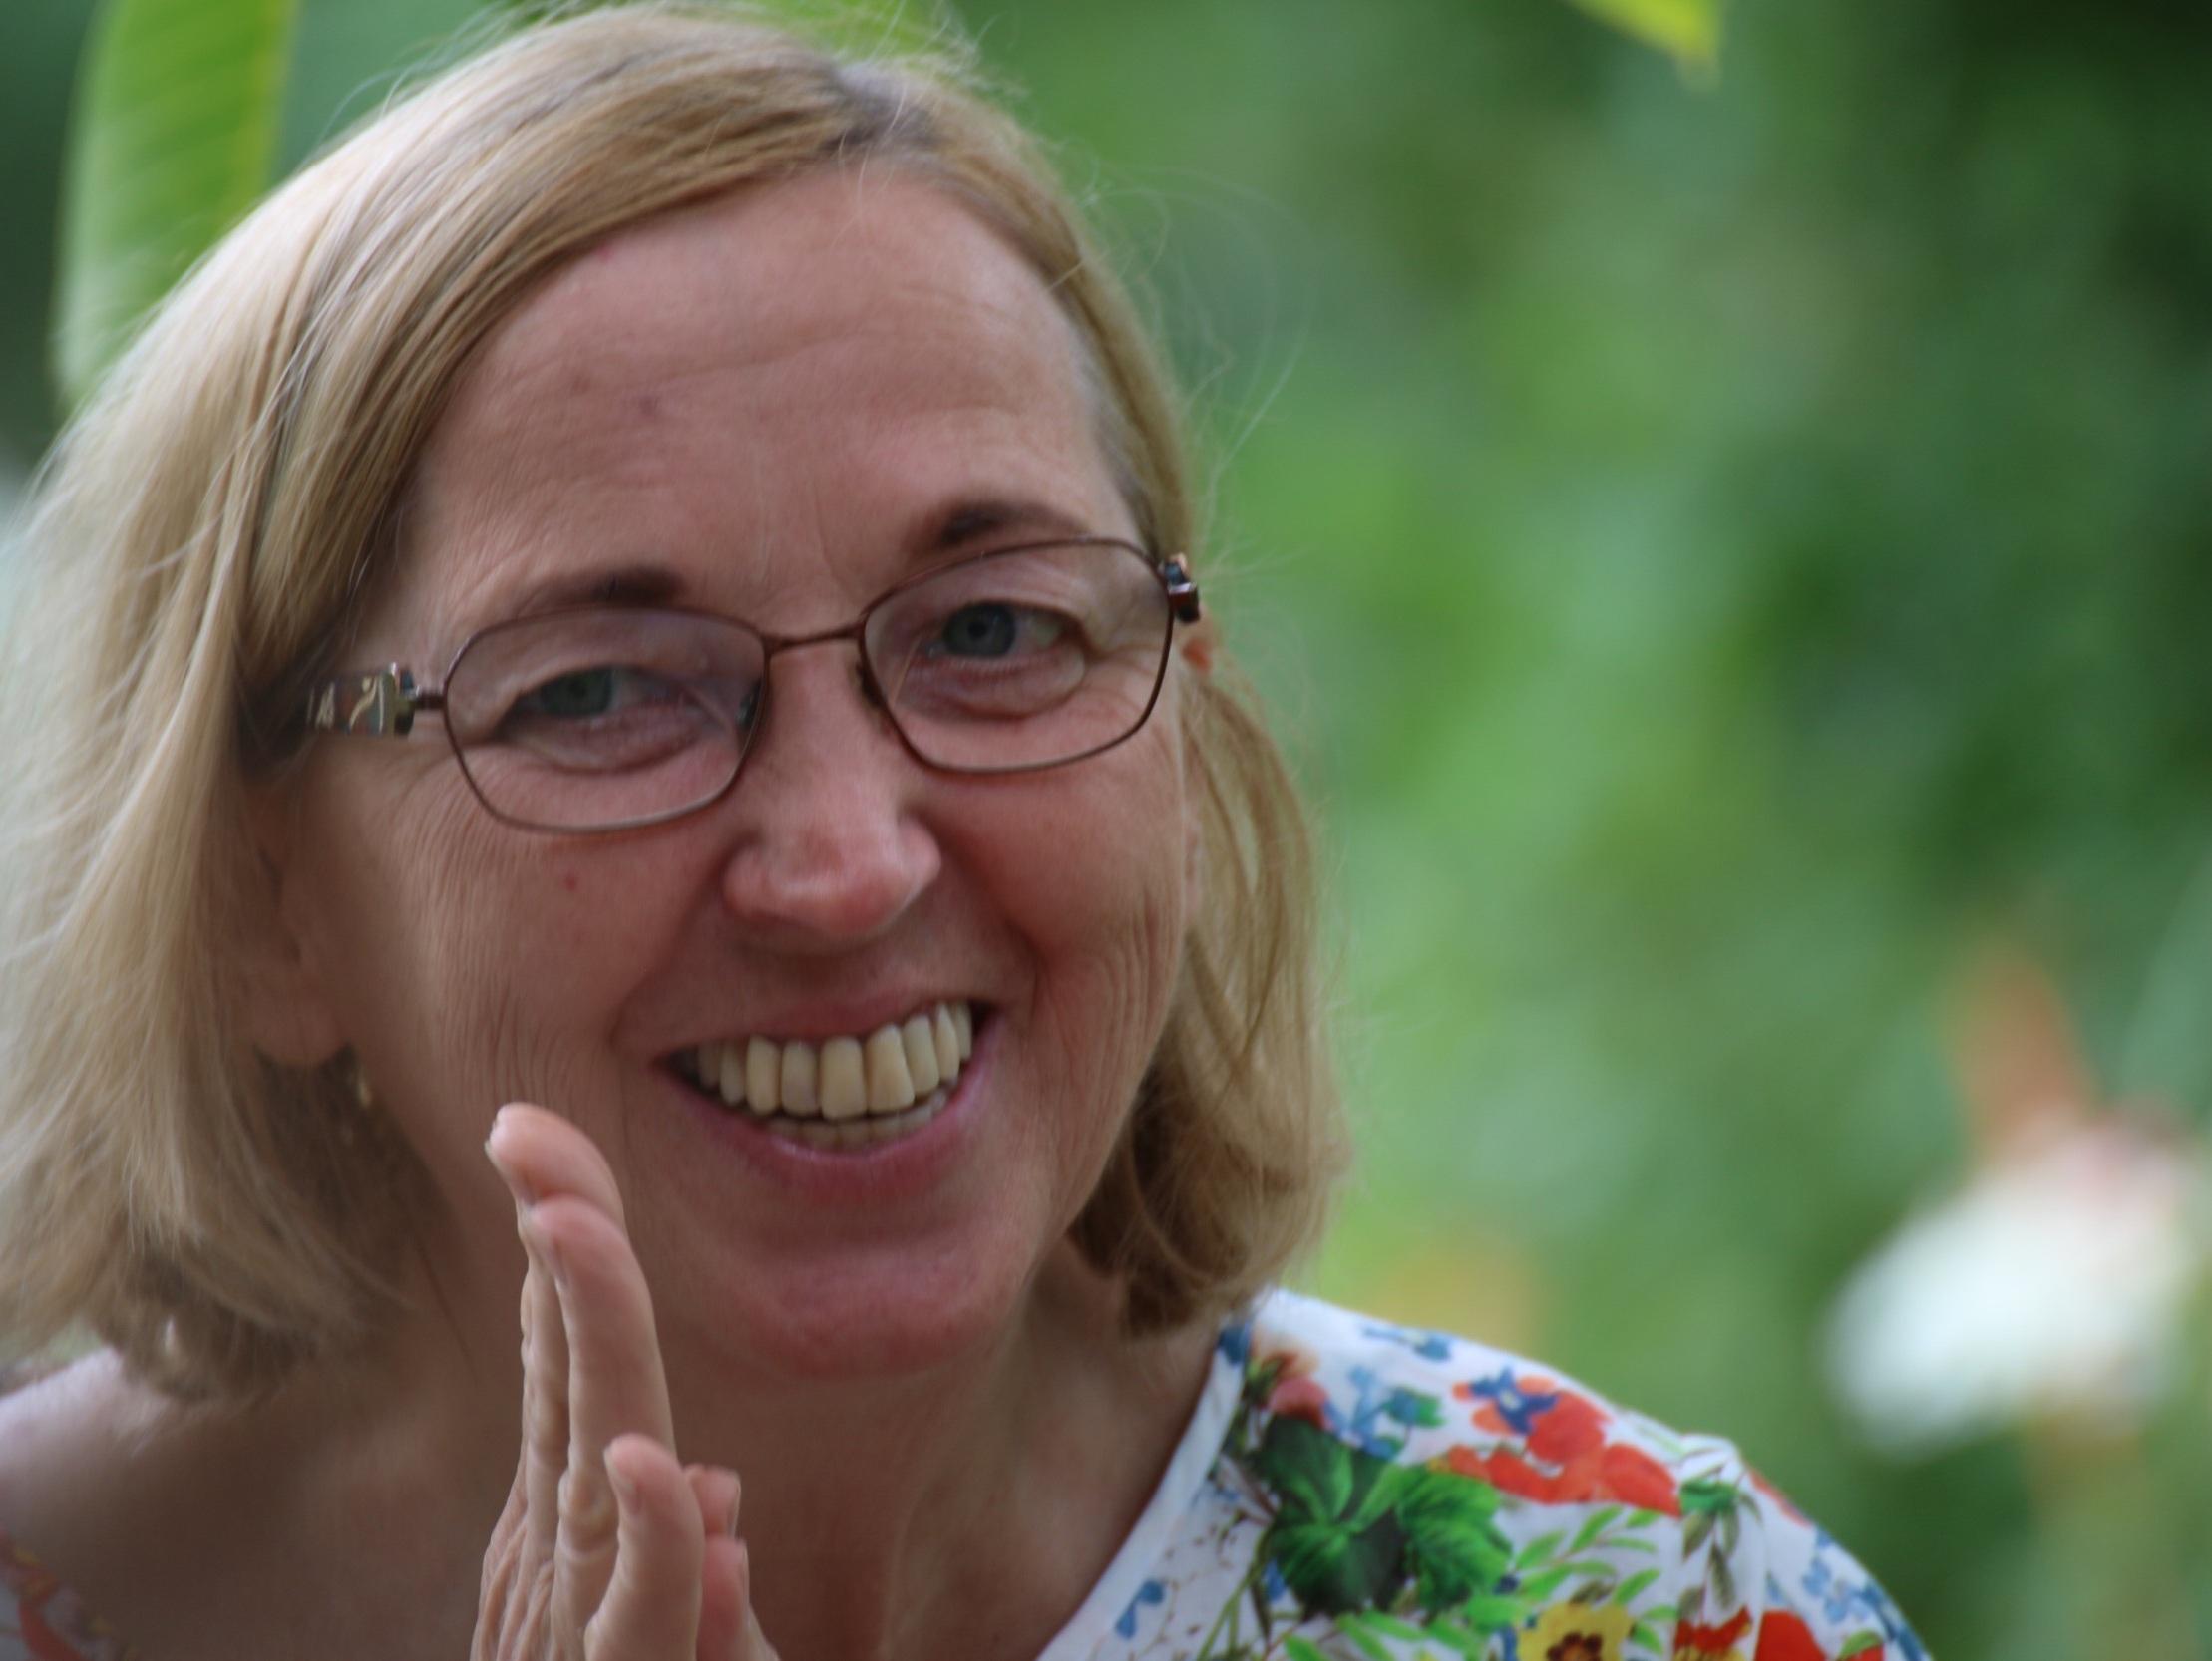 Ich freue mich auf eine wertfreie Schreibbegegnung! - — Heidi Rath(Leiterin von Schreibwerkstätten DGPB®)